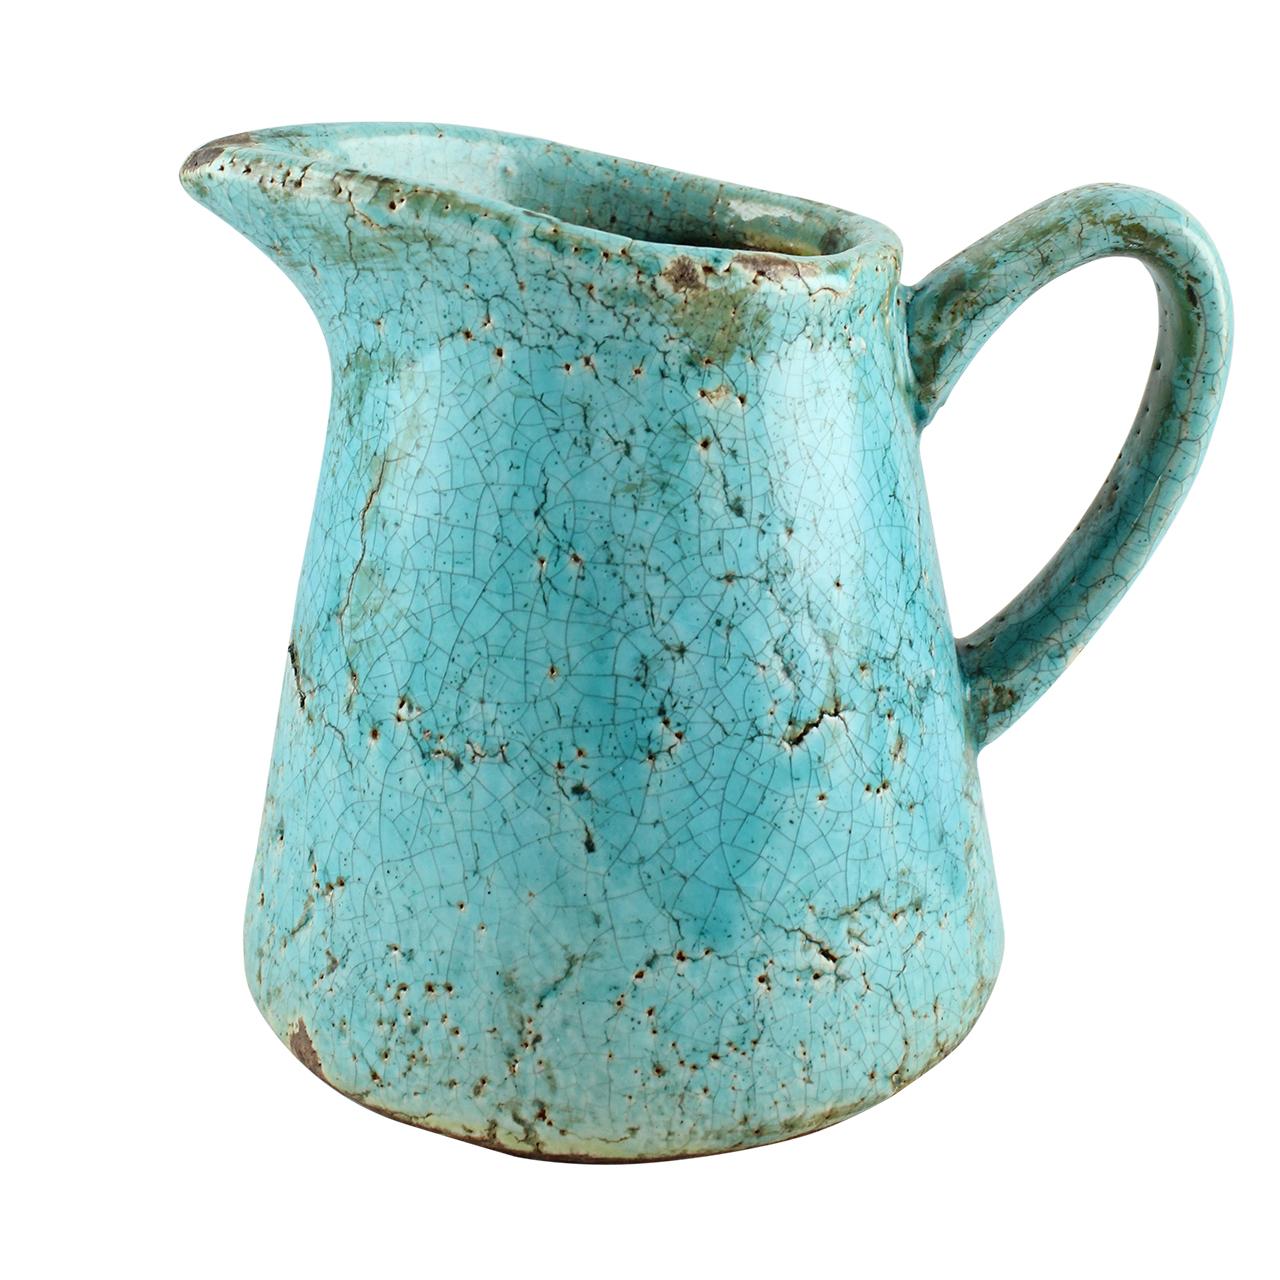 Carafa Rustica Din Ceramica Turcoaz 17.5 Cm